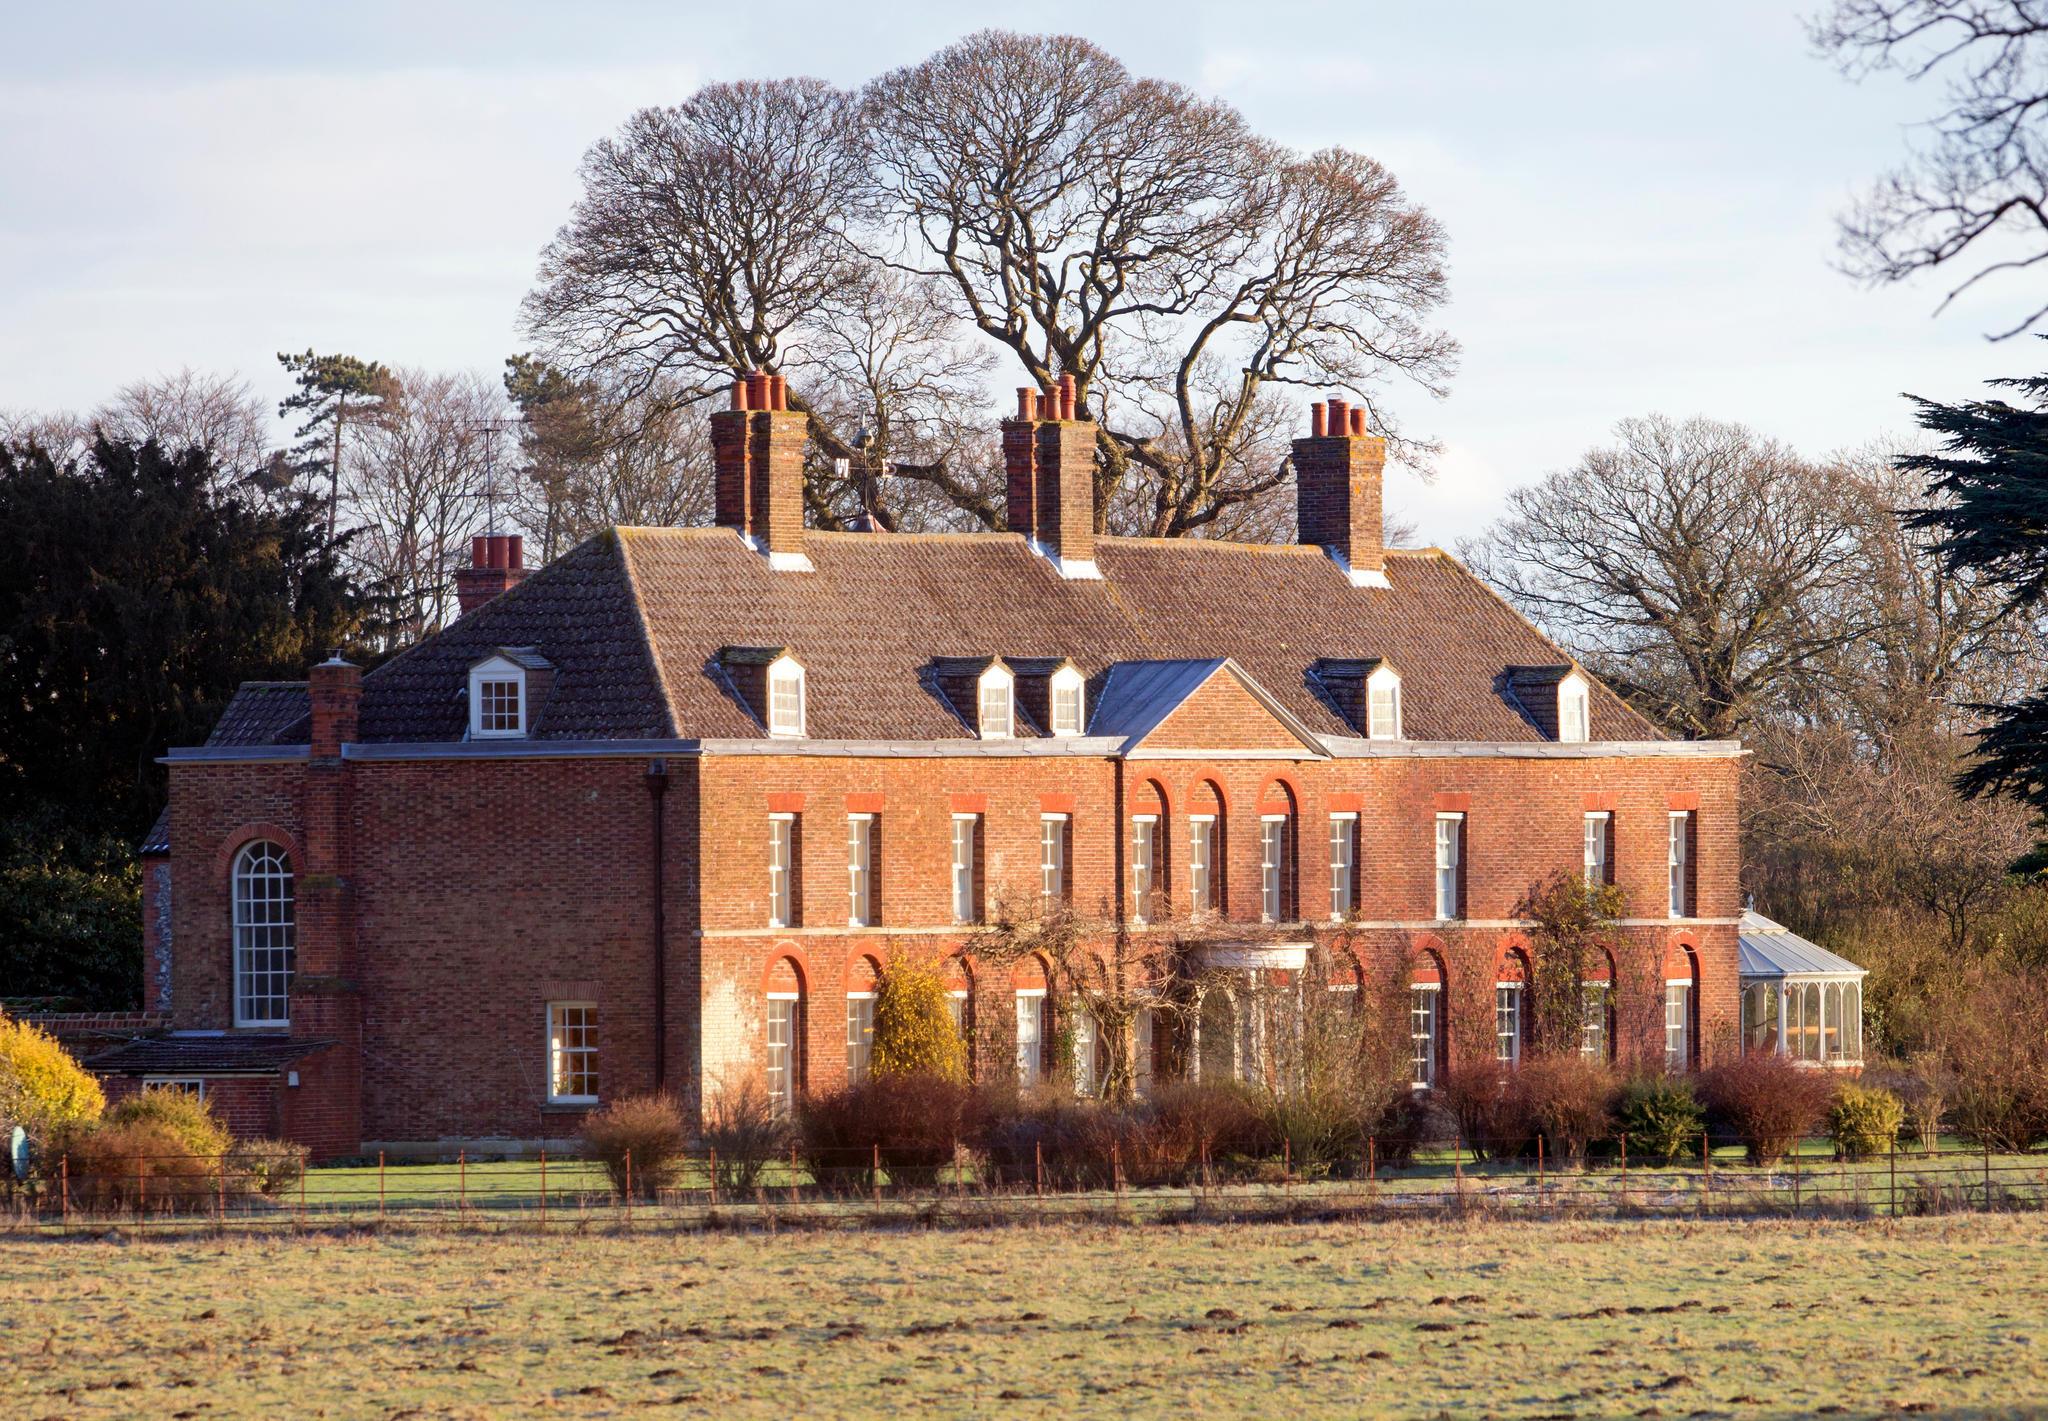 Die Vorderseite von Anmer Hall, dem Landsitz von Herzogin Catherine und Prinz William. Hier hatten sie während Williams Zeit als Pilot bis 2017 ihren Hauptwohnsitz.